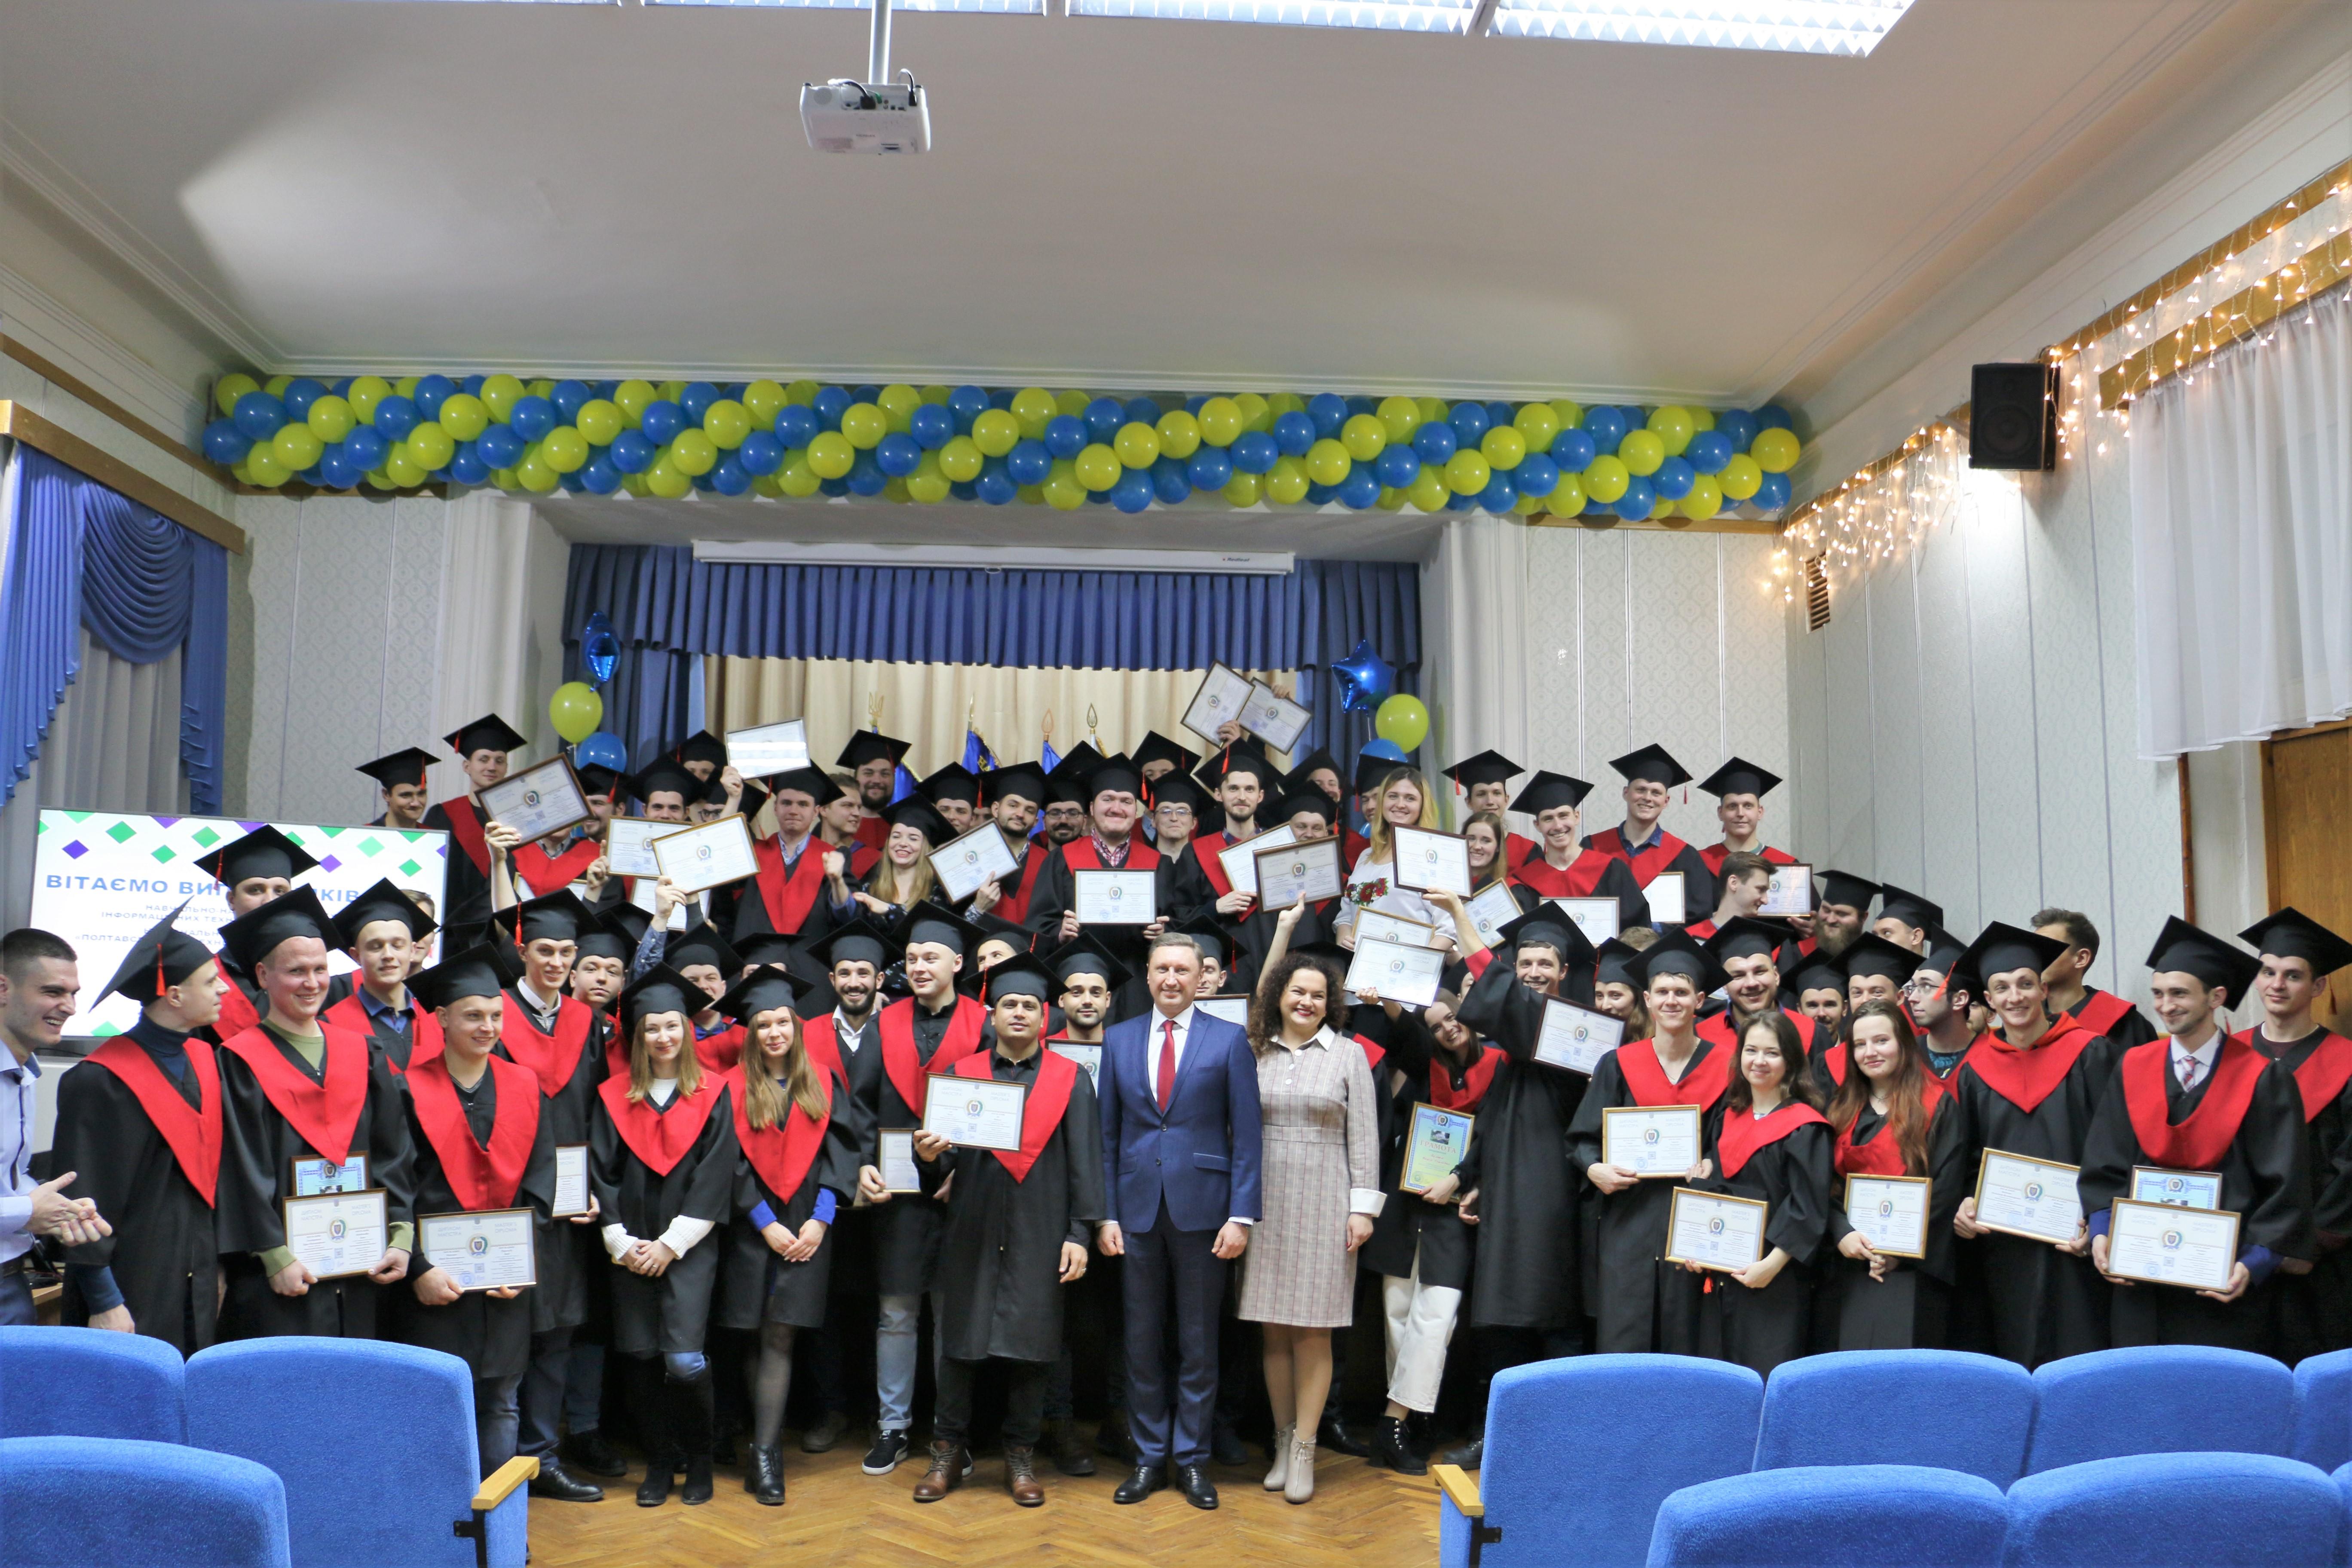 Магістерські дипломи вручили випускникам Навчально-наукового інституту інформаційних технологій і механотроніки